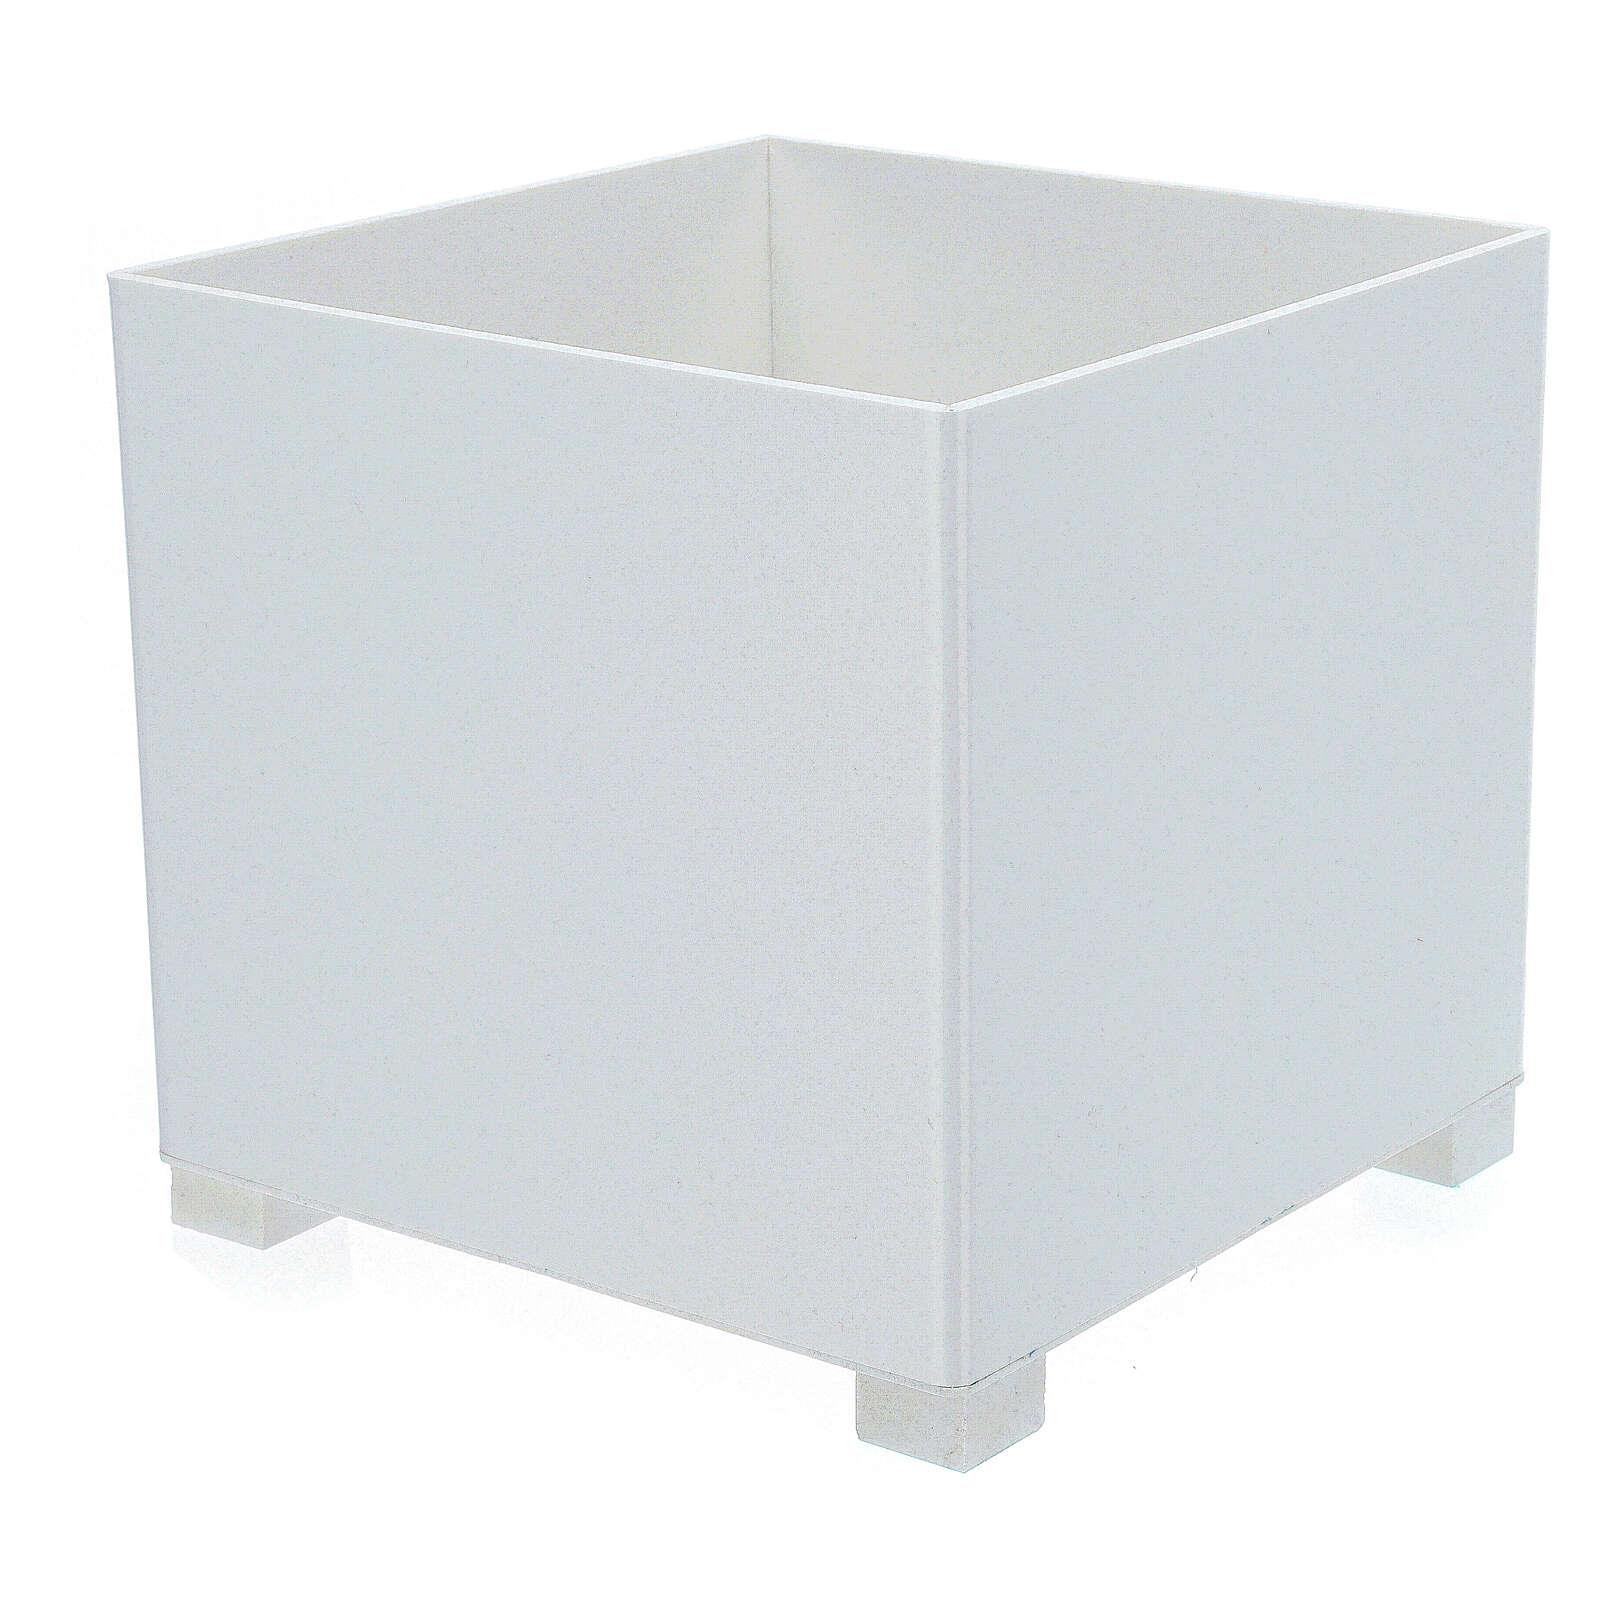 Abfallkorb für Einweghandschuhe aus Forex, Zubehör für Modell PF000003 3